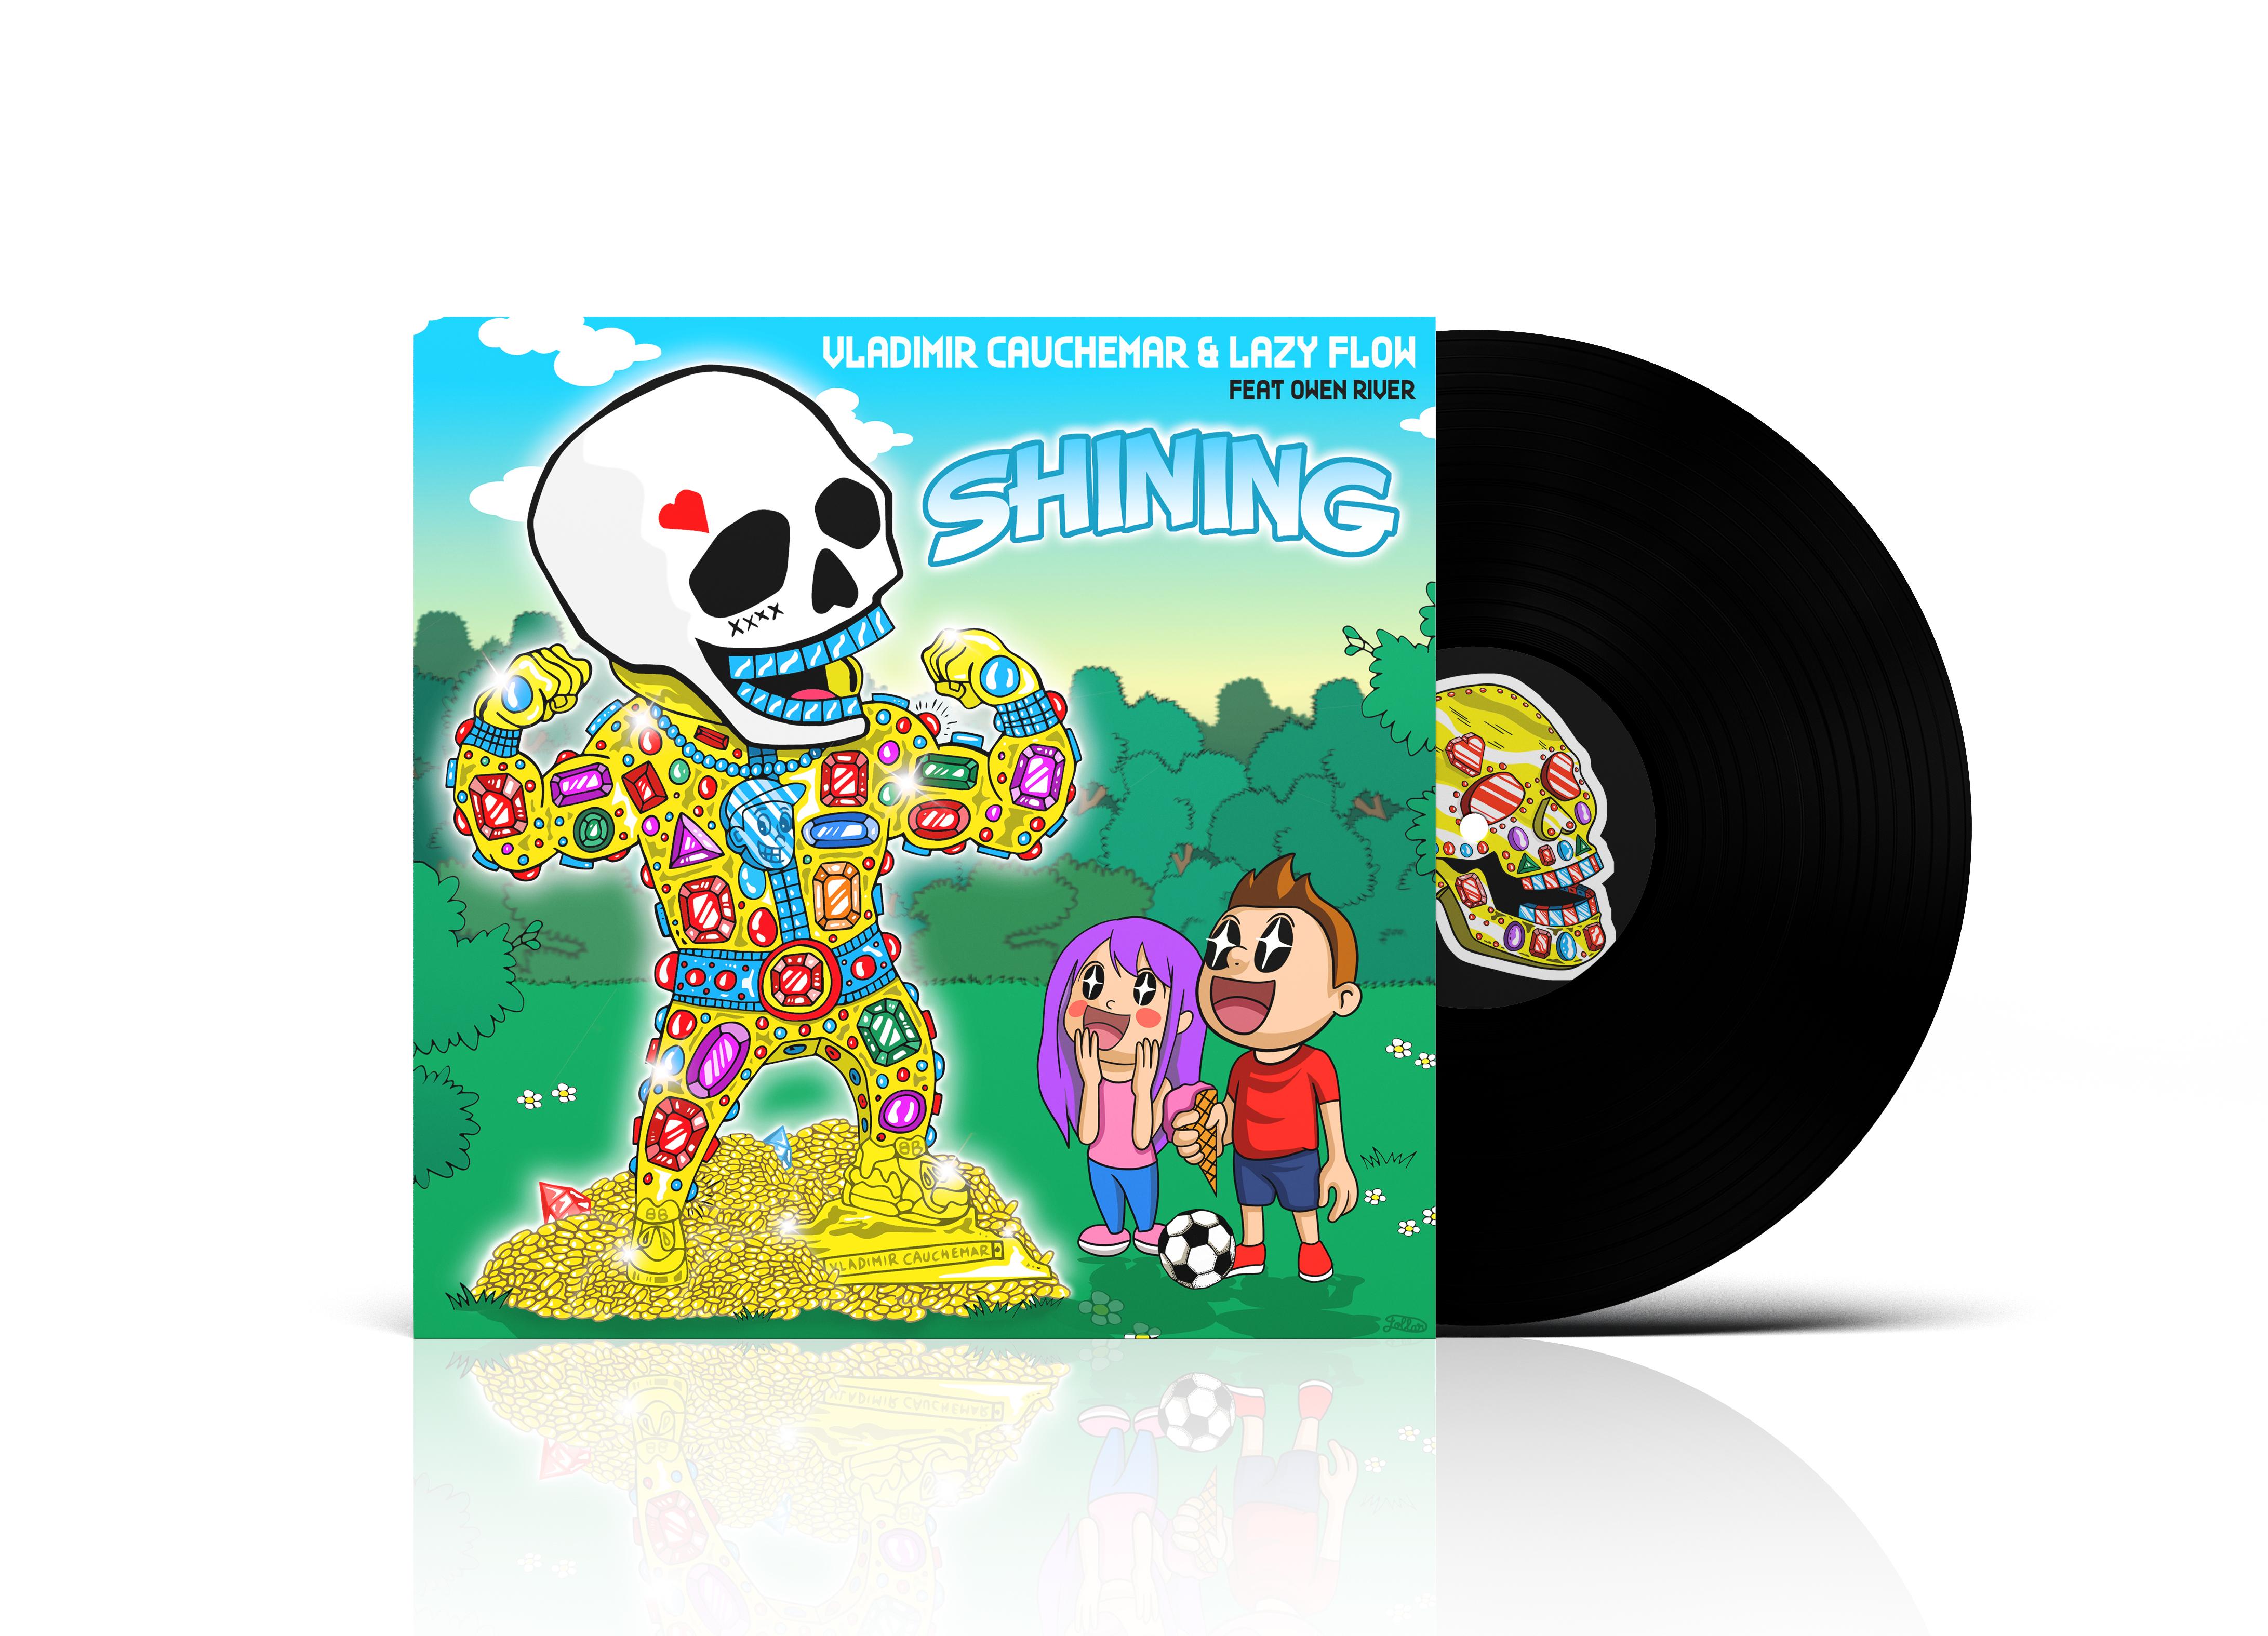 Shining vinyl